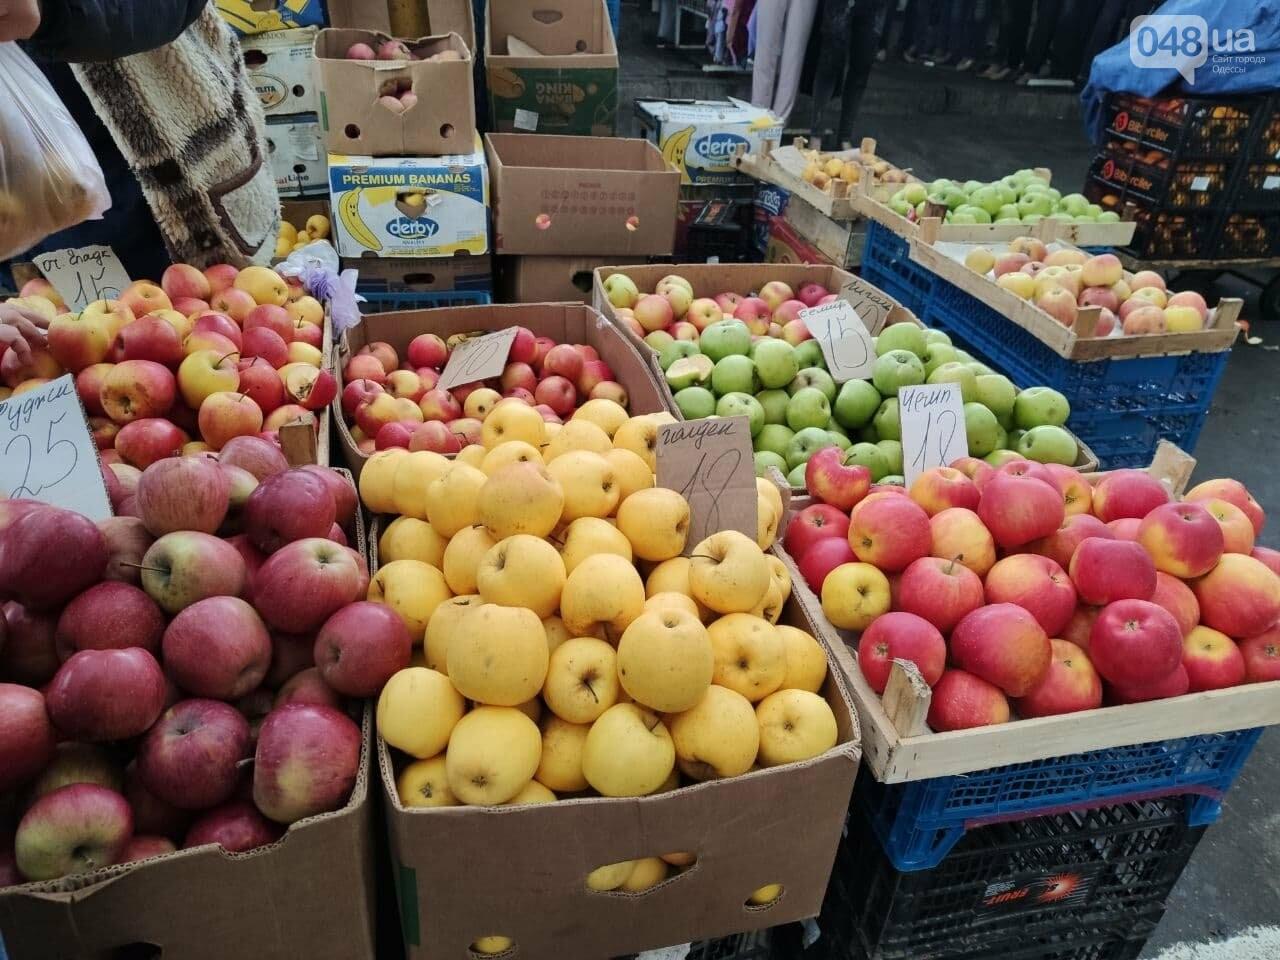 Гранат, лимоны, синенькие: почем на одесском Привозе фрукты и овощи, - ФОТО, фото-3